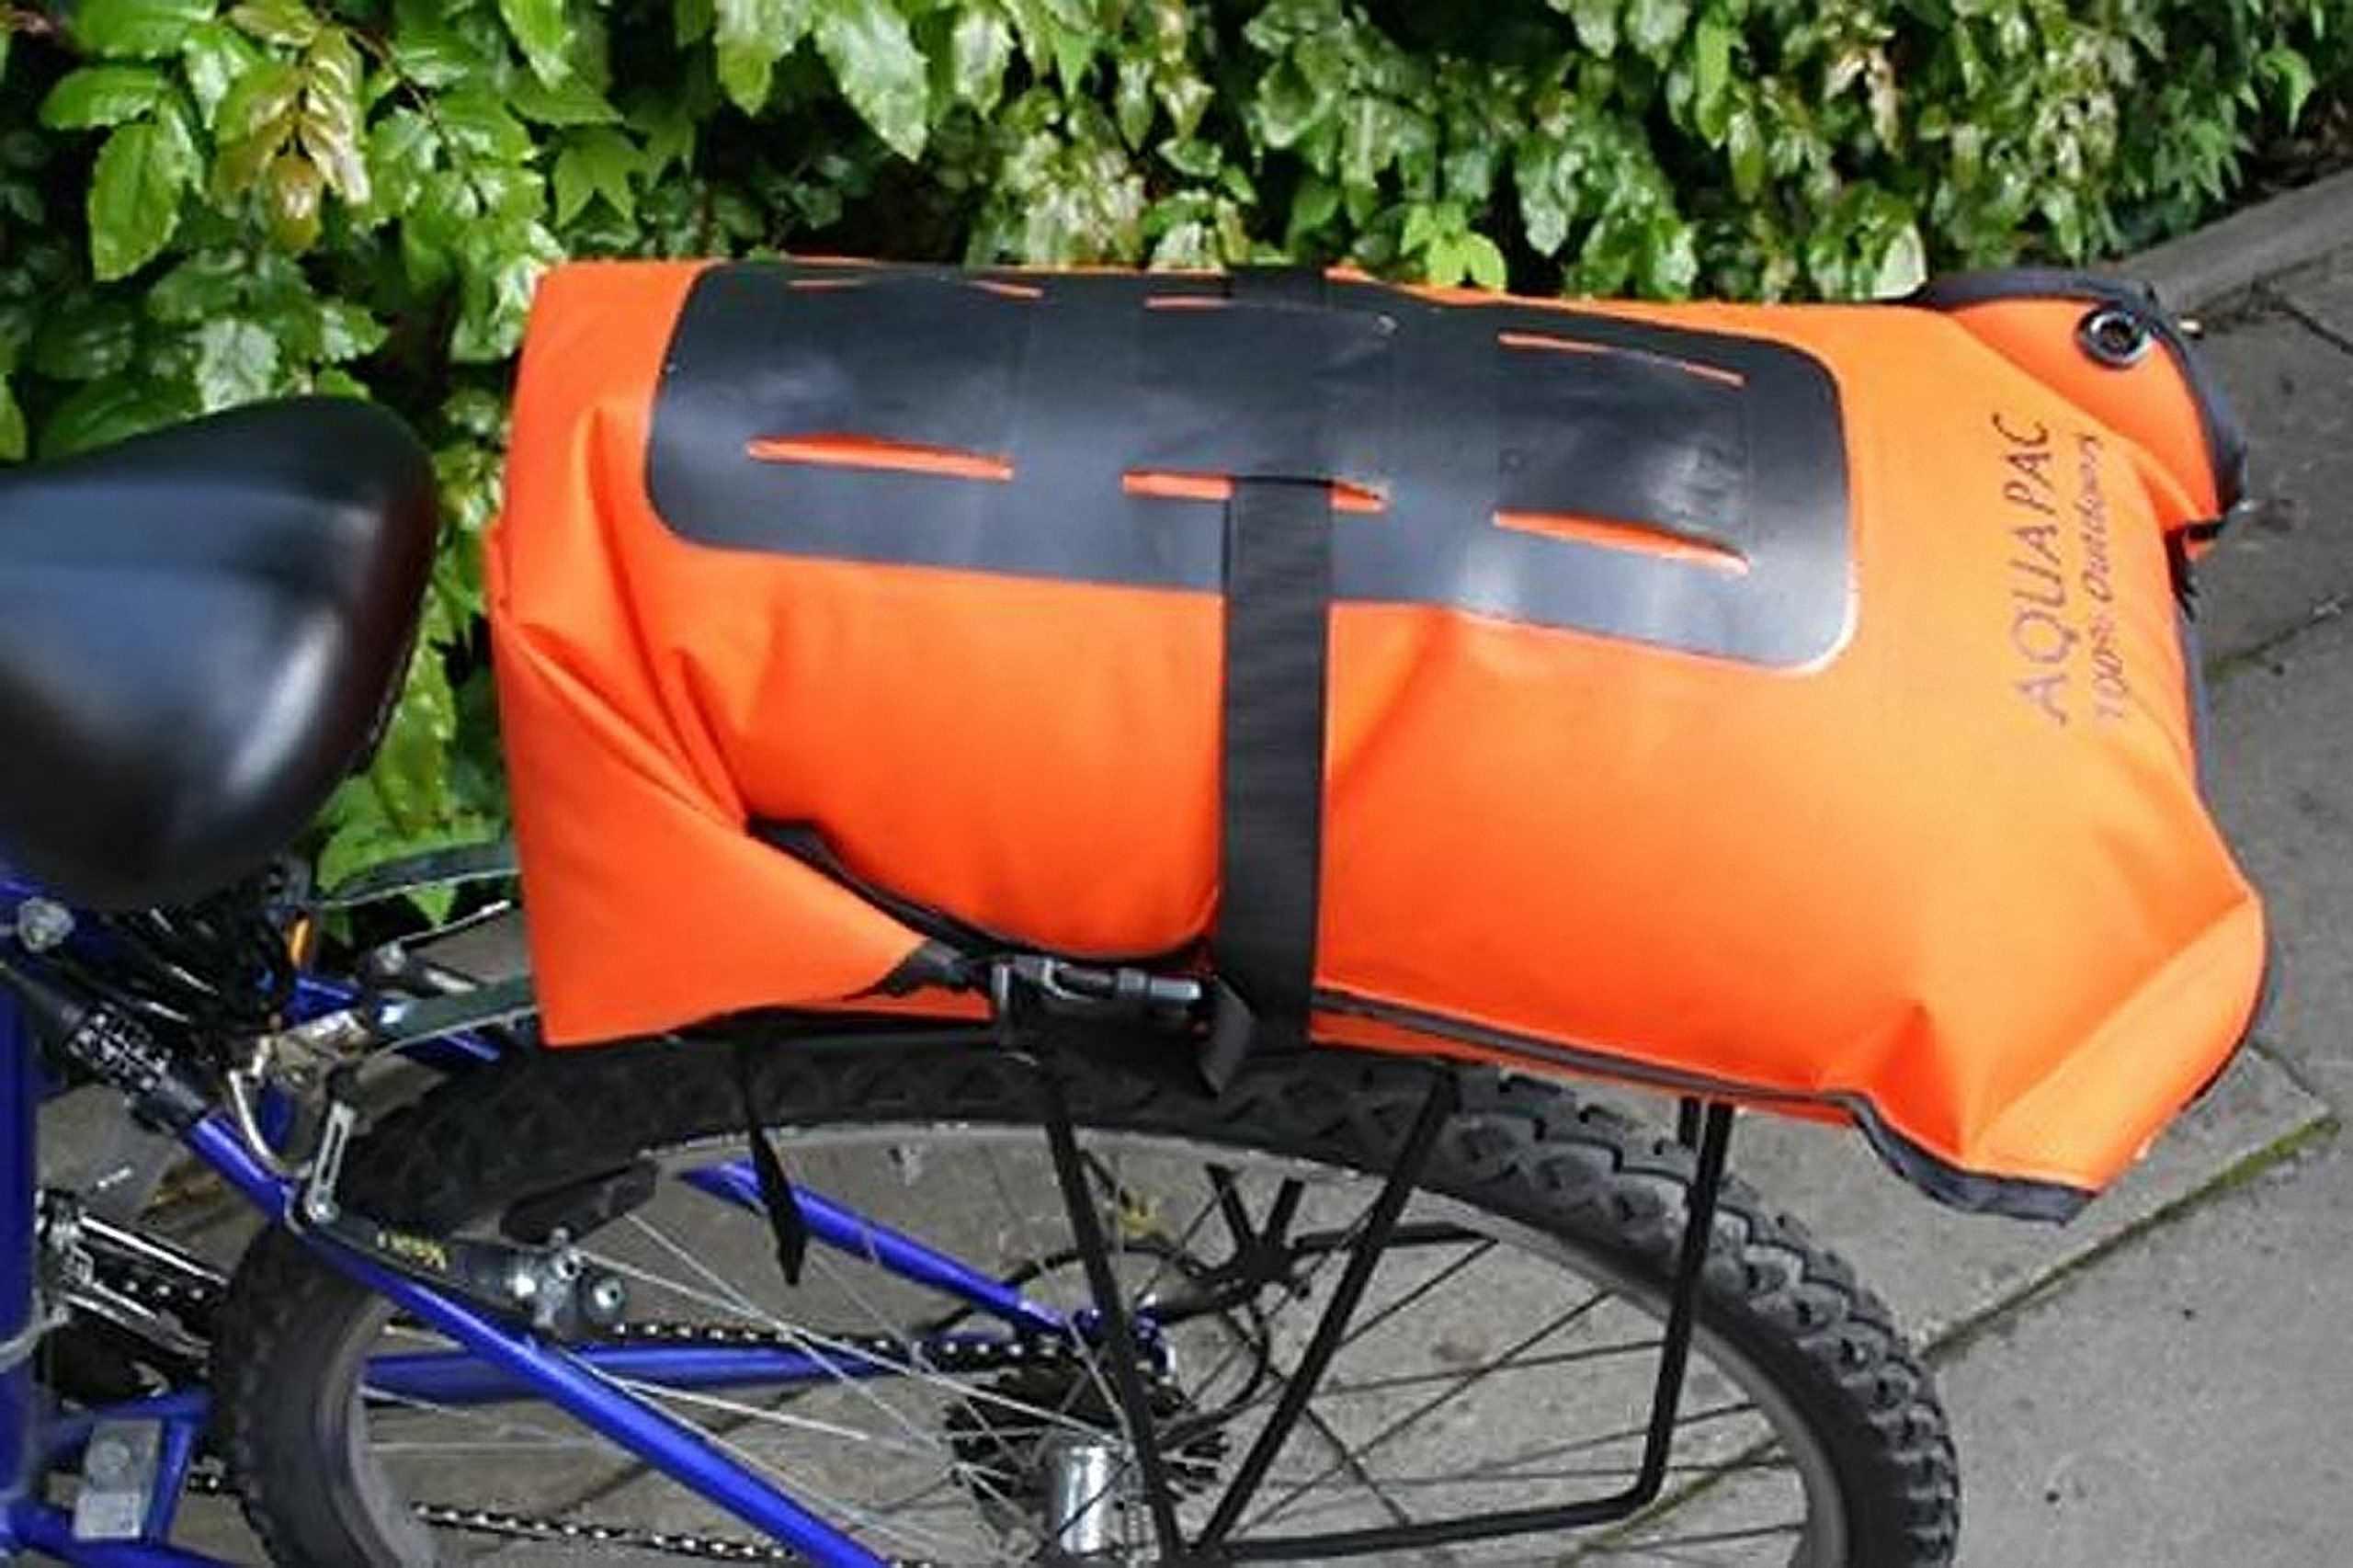 Водонепроницаемый гермомешок-рюкзак (с двумя плечевыми ремнями) Aquapac 771 - Noatak Wet & Drybag - 25L.. Aquapac - №1 в мире водонепроницаемых чехлов и сумок. Фото 8